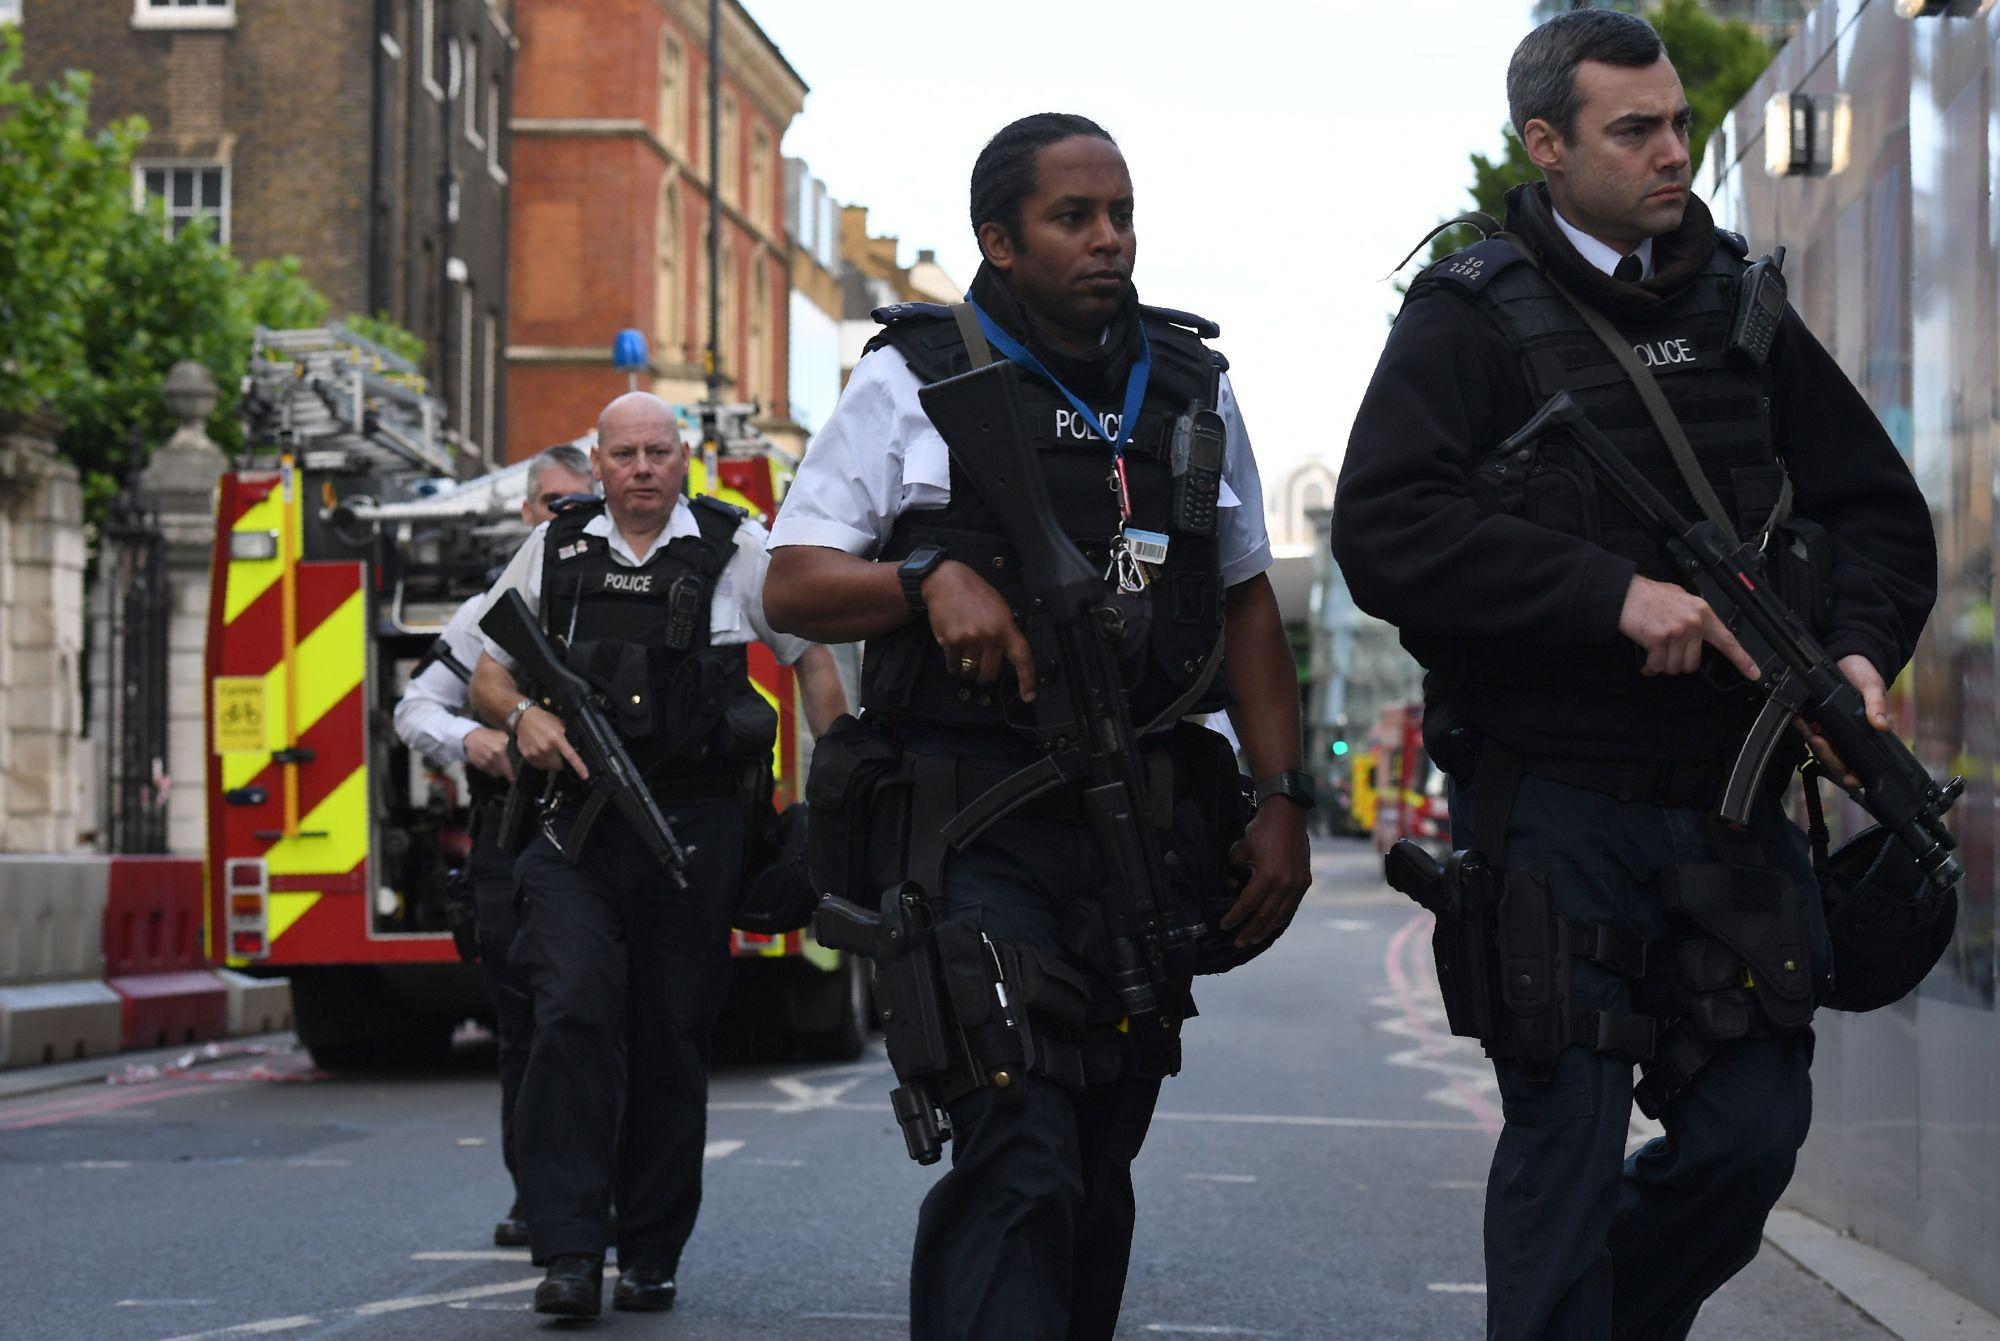 بريطانيا .. مطالبات باتخاذ إجراءات حاسمة ضد جماعة الإخوان المسلمين